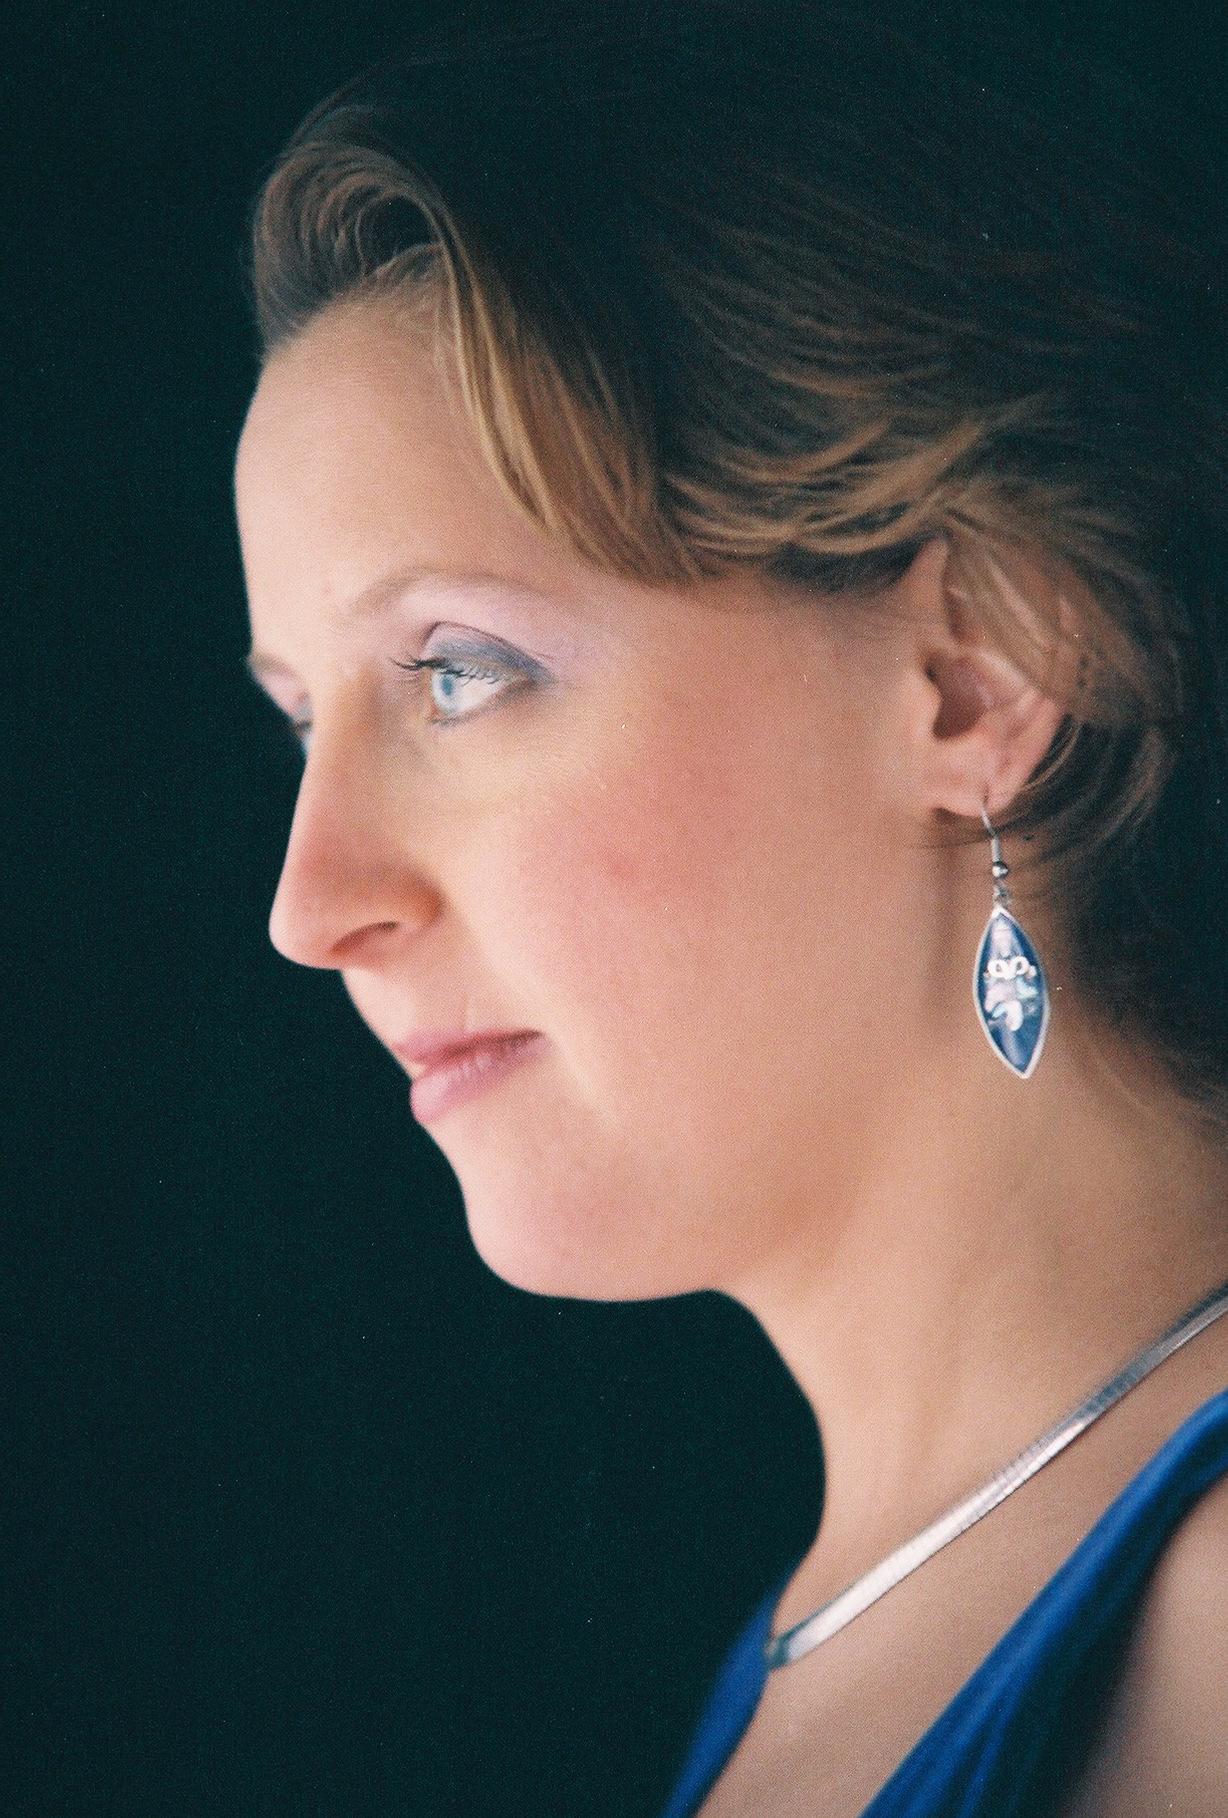 images Valarie Pettiford